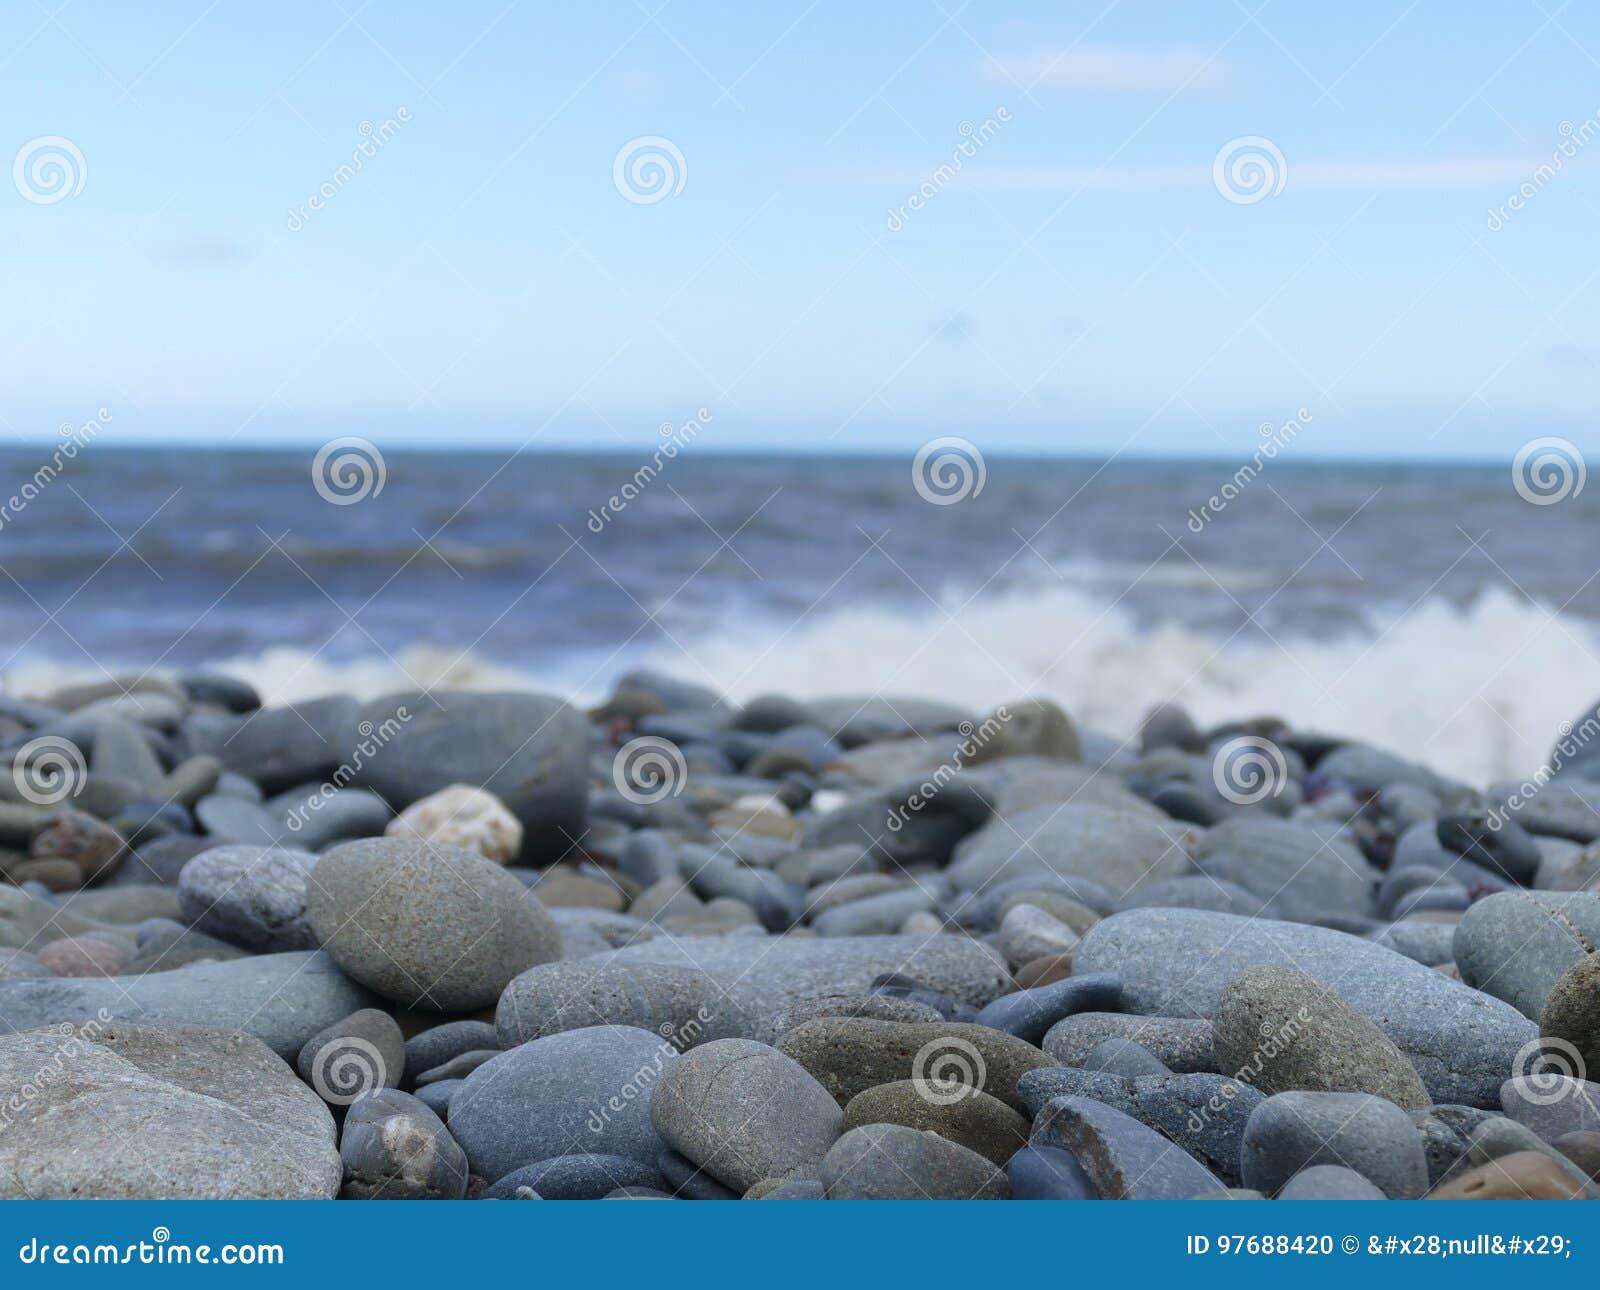 Ciottoli impilati su una spiaggia